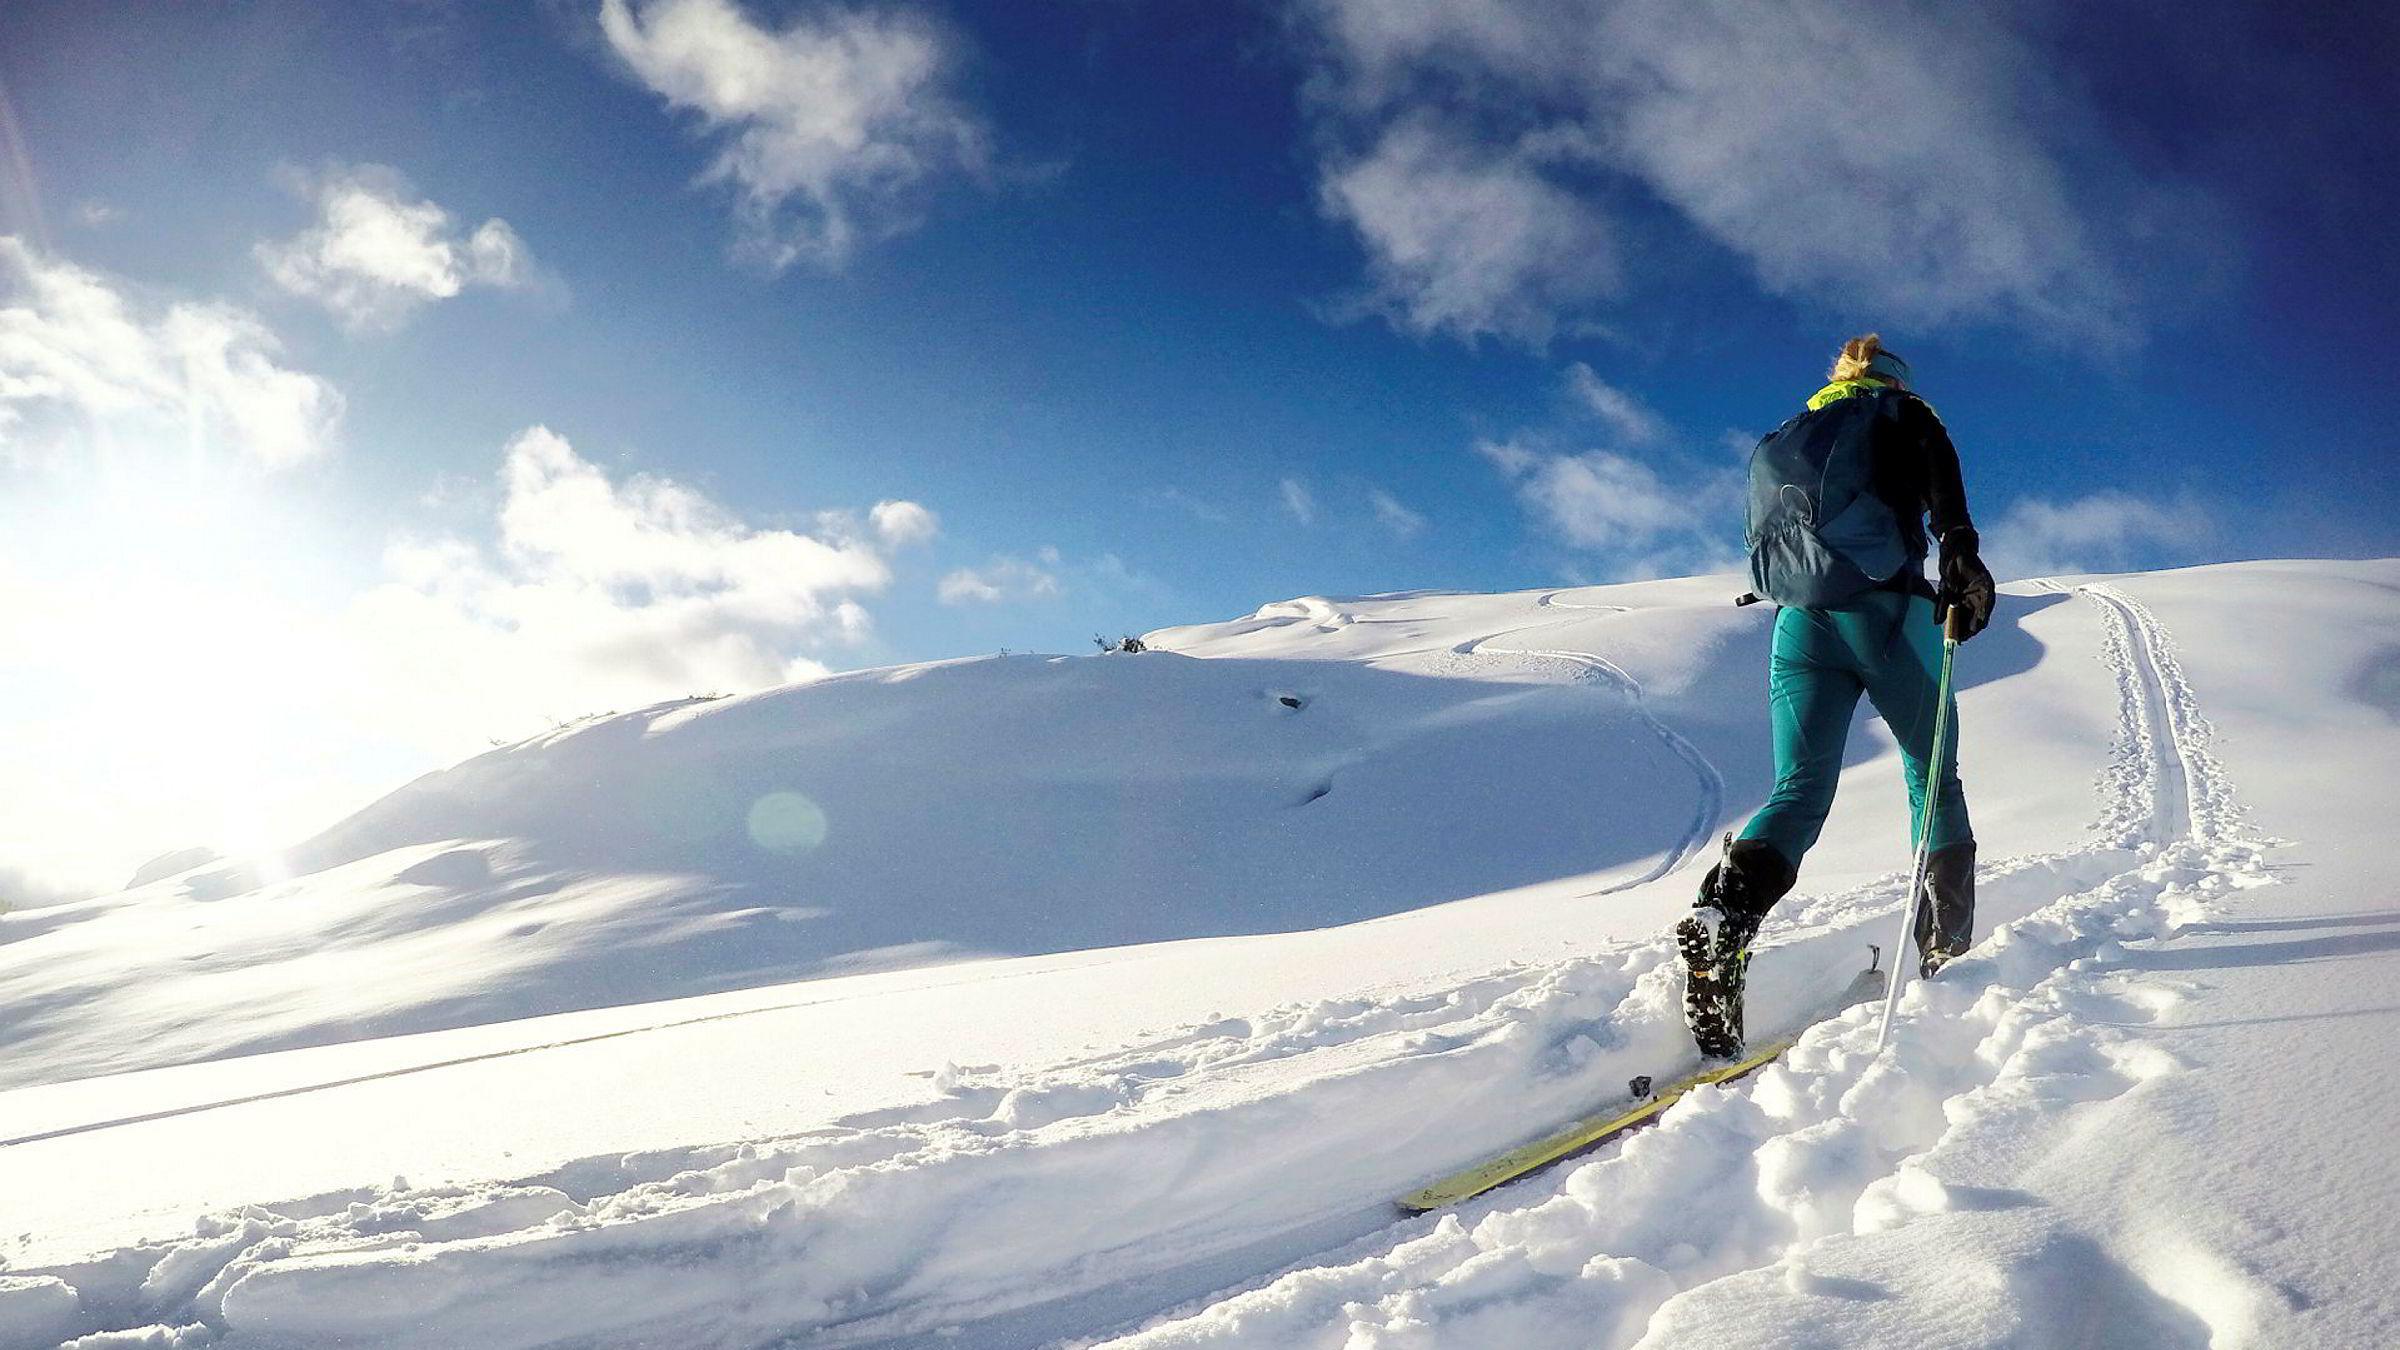 I Sogndal har det falt nok snø til at det er godt skiføre i fjellene rundt Sogndalsdalen. Landslagsløper Malene Blikken Haukøy forteller om mye aktivitet i fjellet nå.